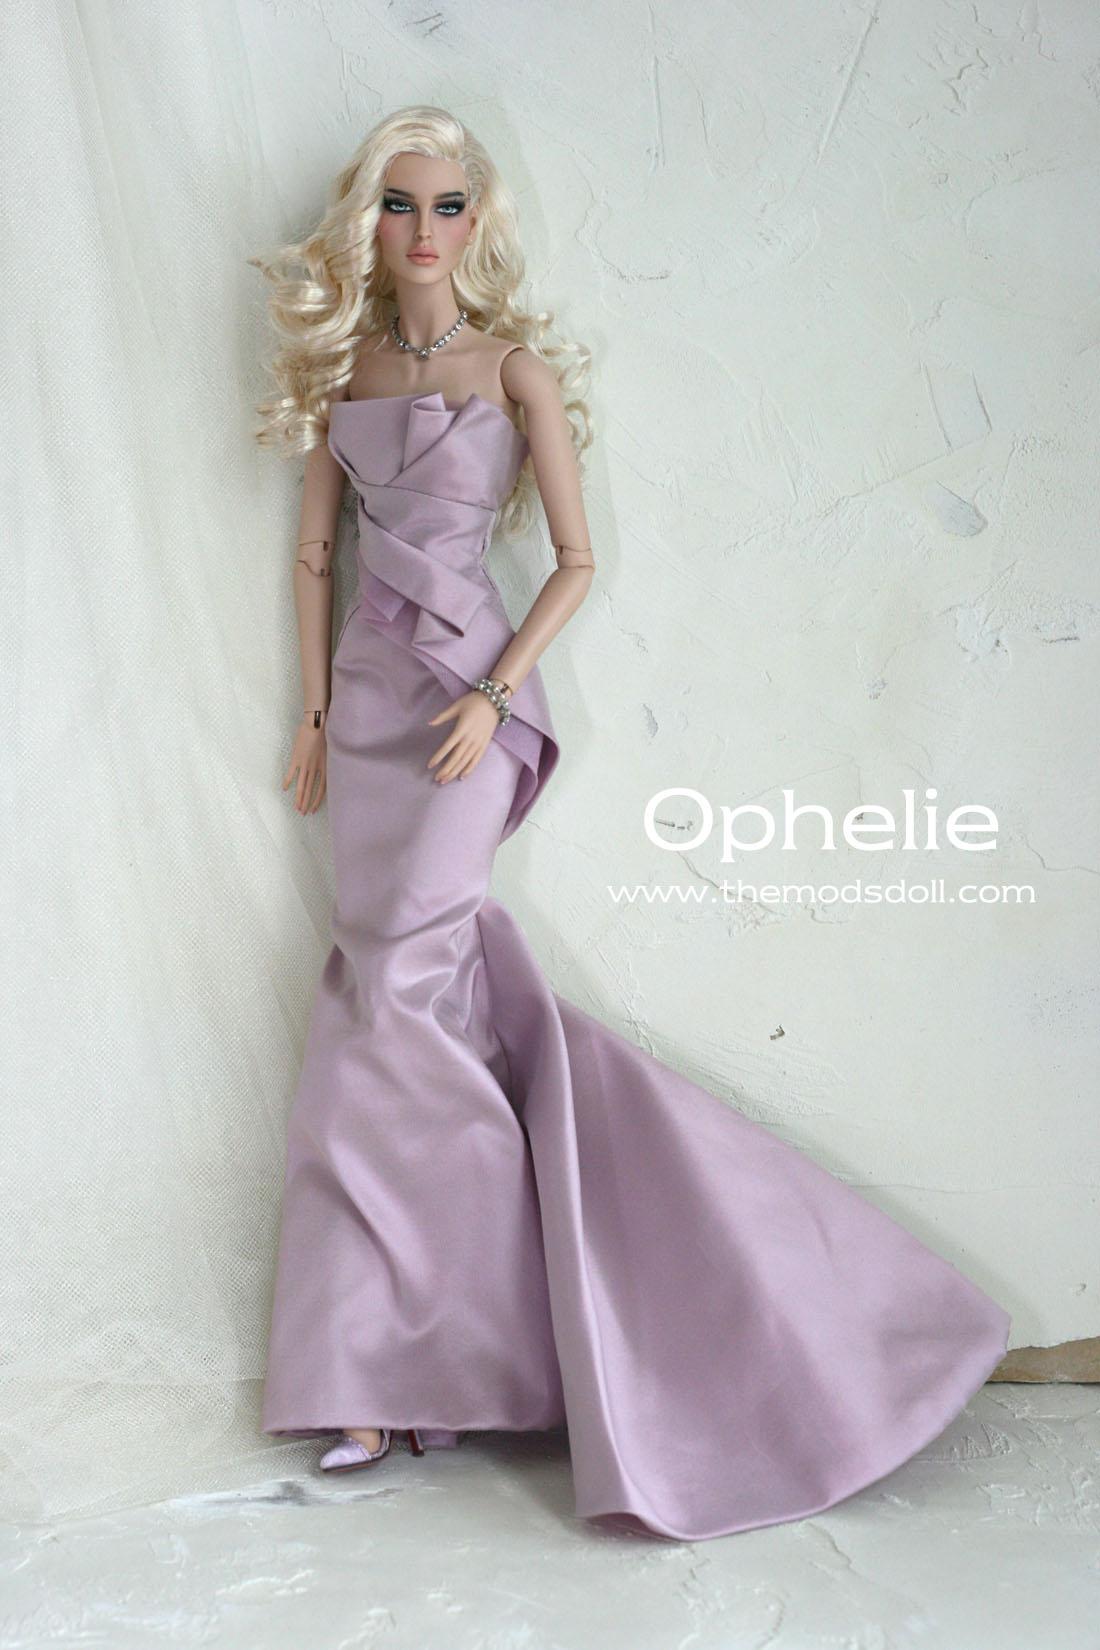 Les mannequins Modsdoll - P 1 Brontë - P3 Chloe - P4 Asali - Page 5 18Ophelie